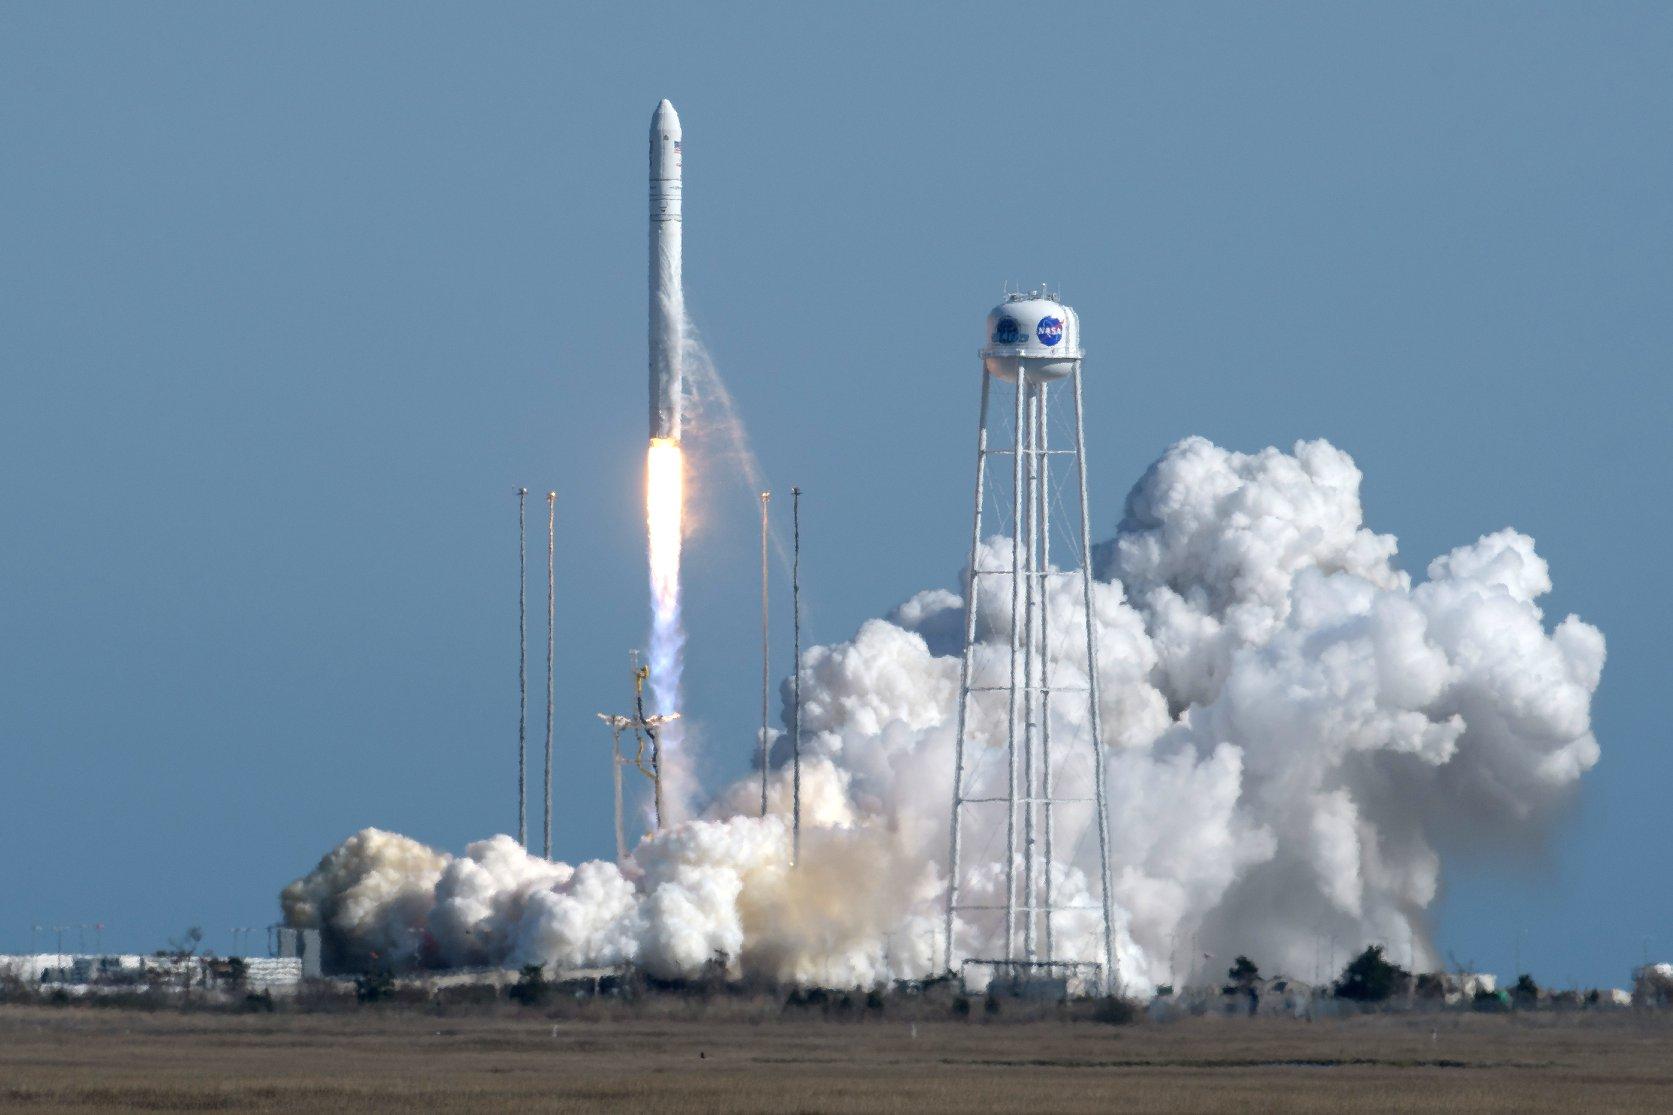 Відбувся успішний запуск ракети «Антарес» з першим ступенем українського виробництва